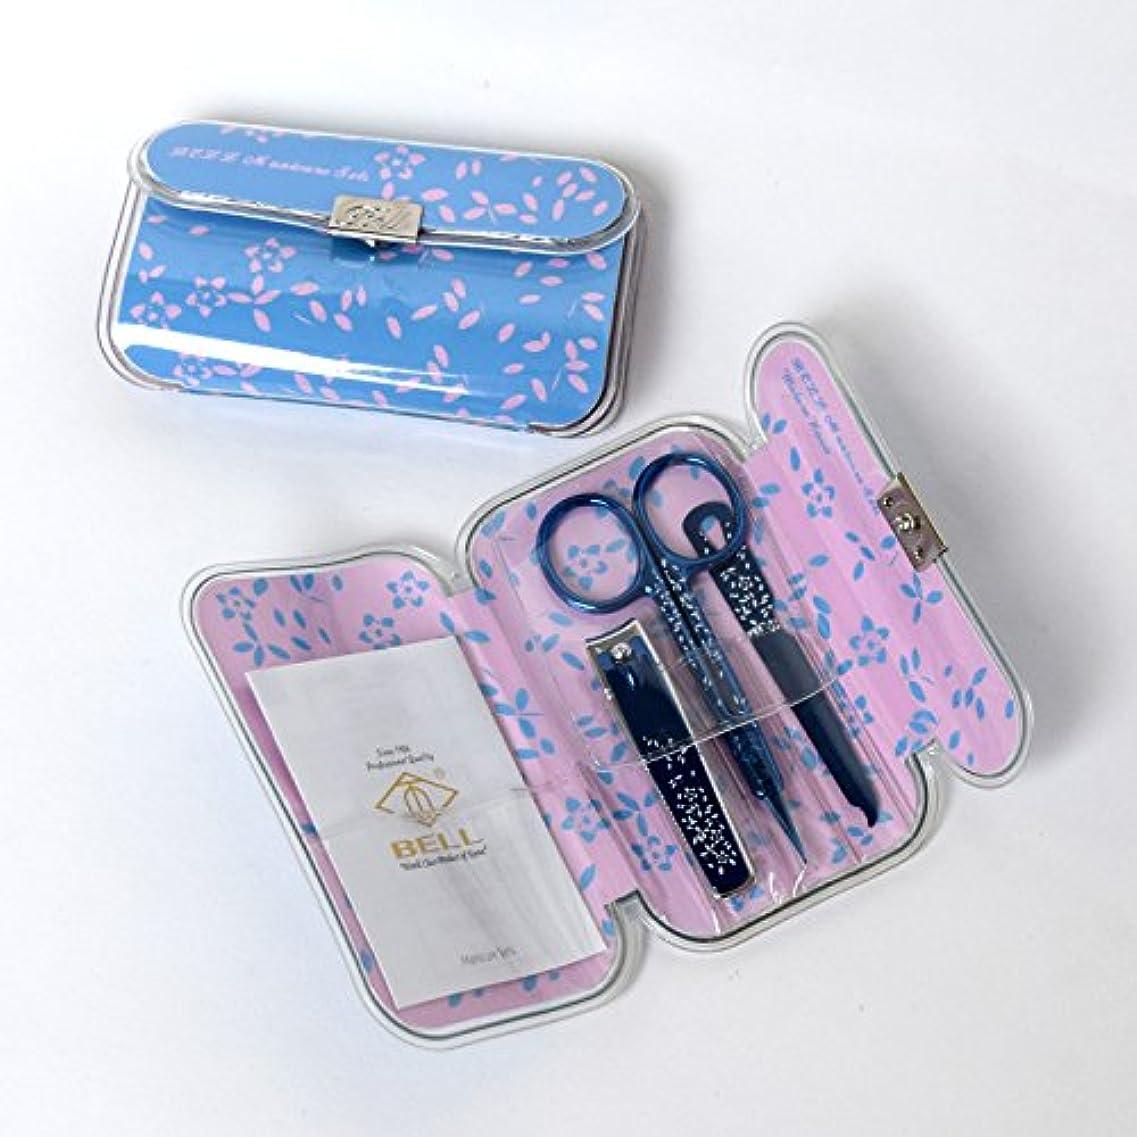 つかむリル野心BELL Manicure Sets BM-330F ポータブル爪の管理セット 爪切りセット 高品質のネイルケアセット高級感のある東洋画のデザイン Portable Nail Clippers Nail Care Set